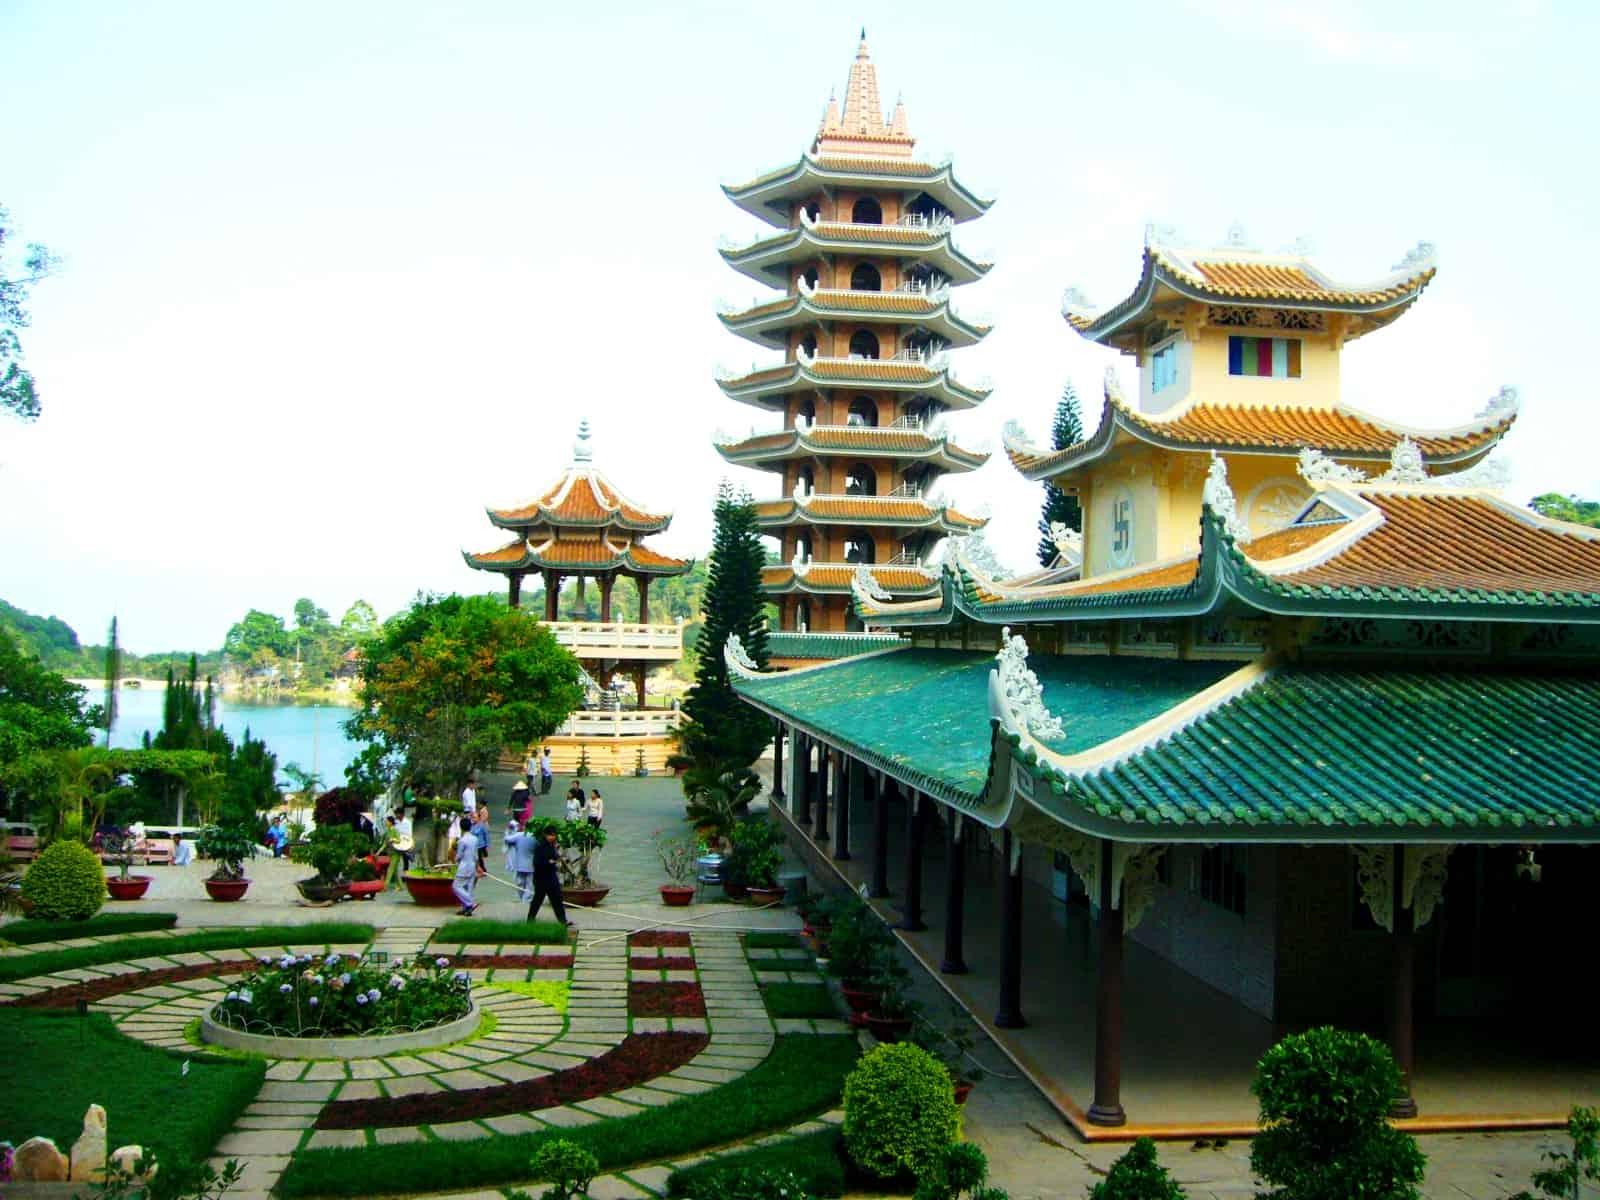 Du lịch Châu Đốc Chùa Vạn Linh (ảnh sưu tầm)